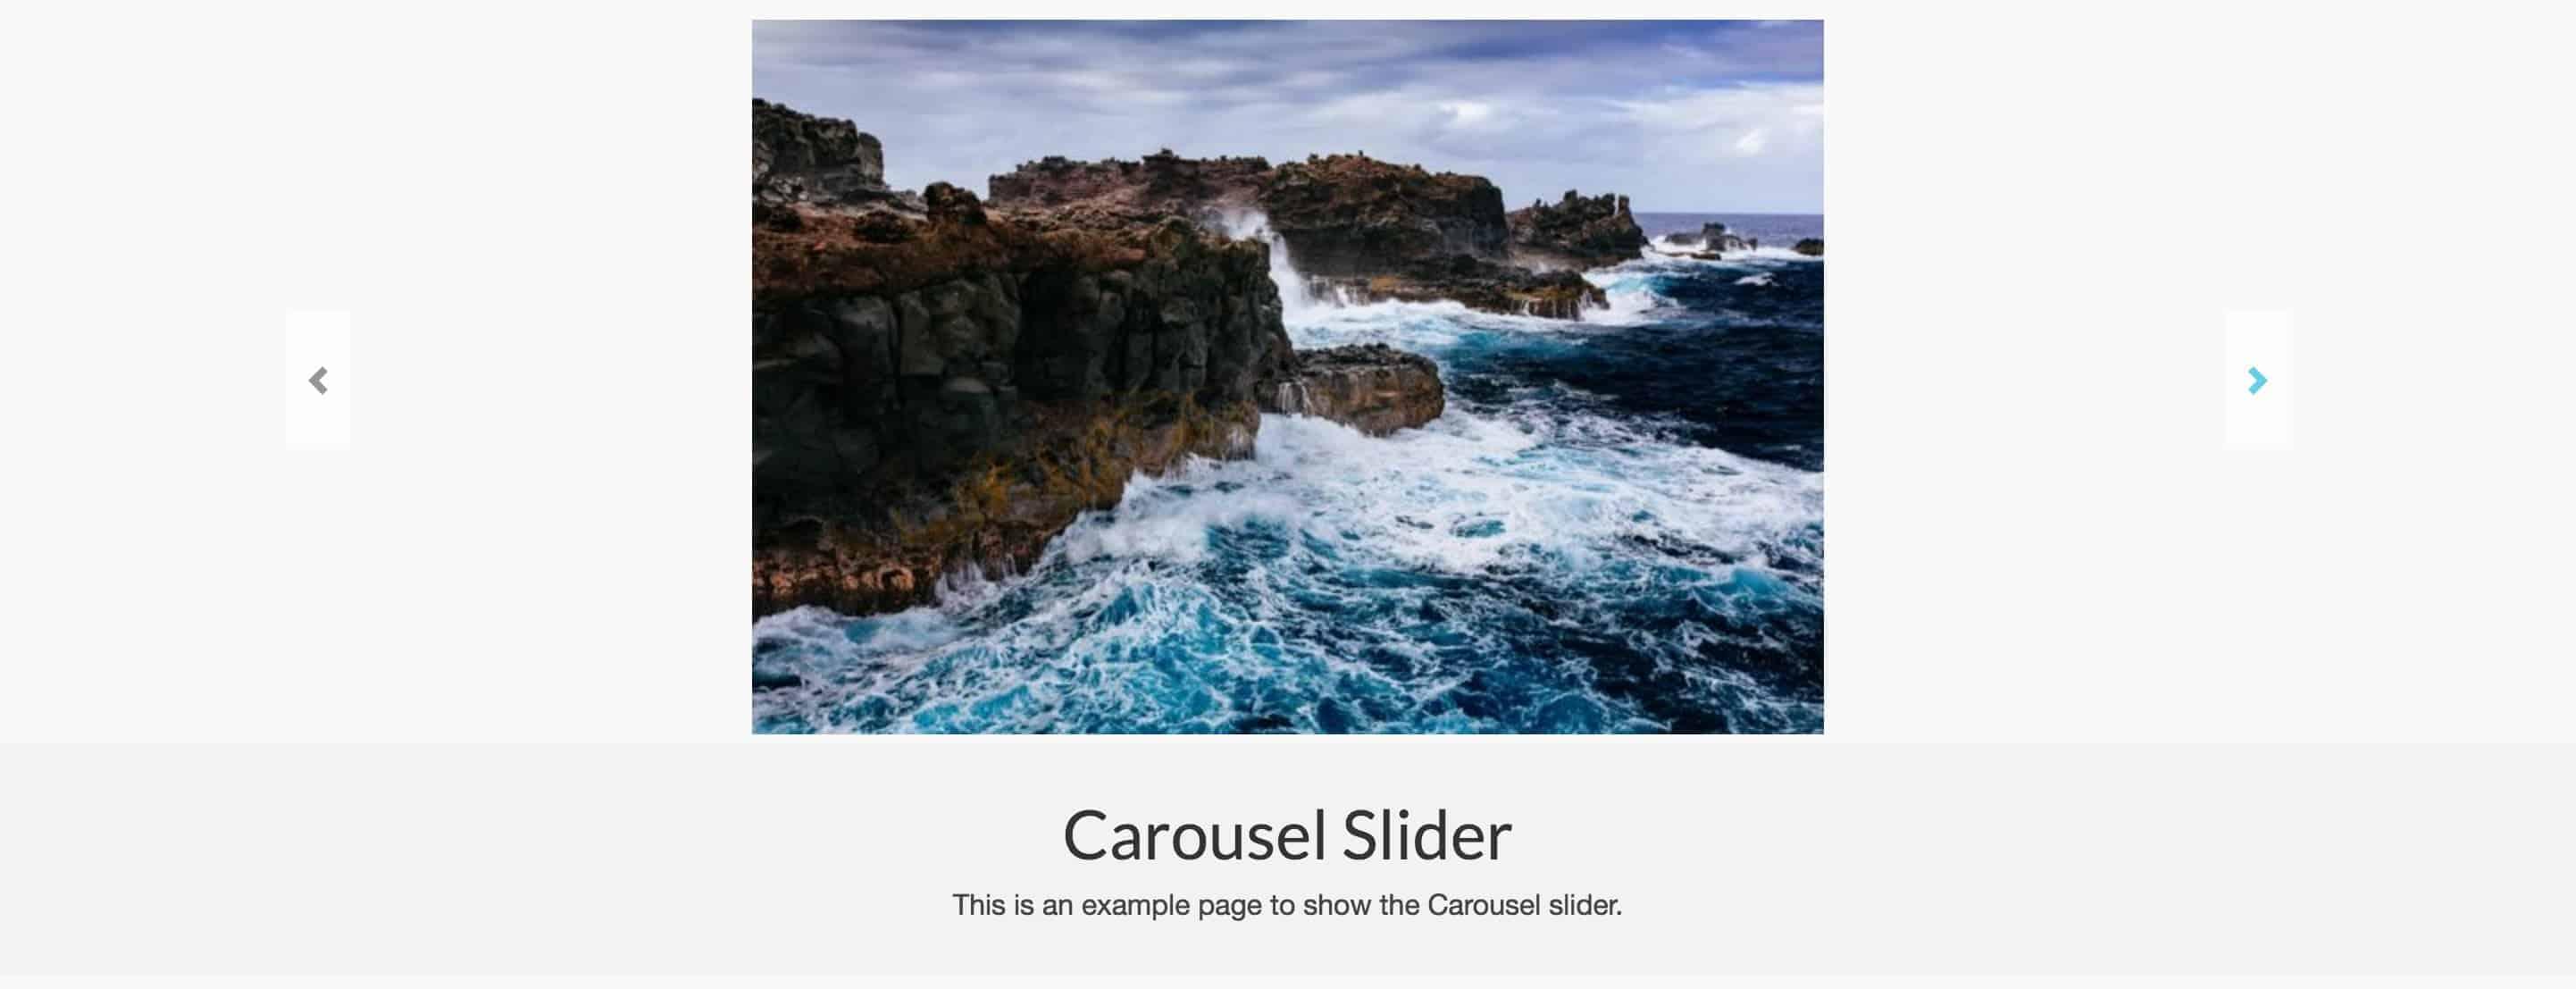 Carousel Slider Example